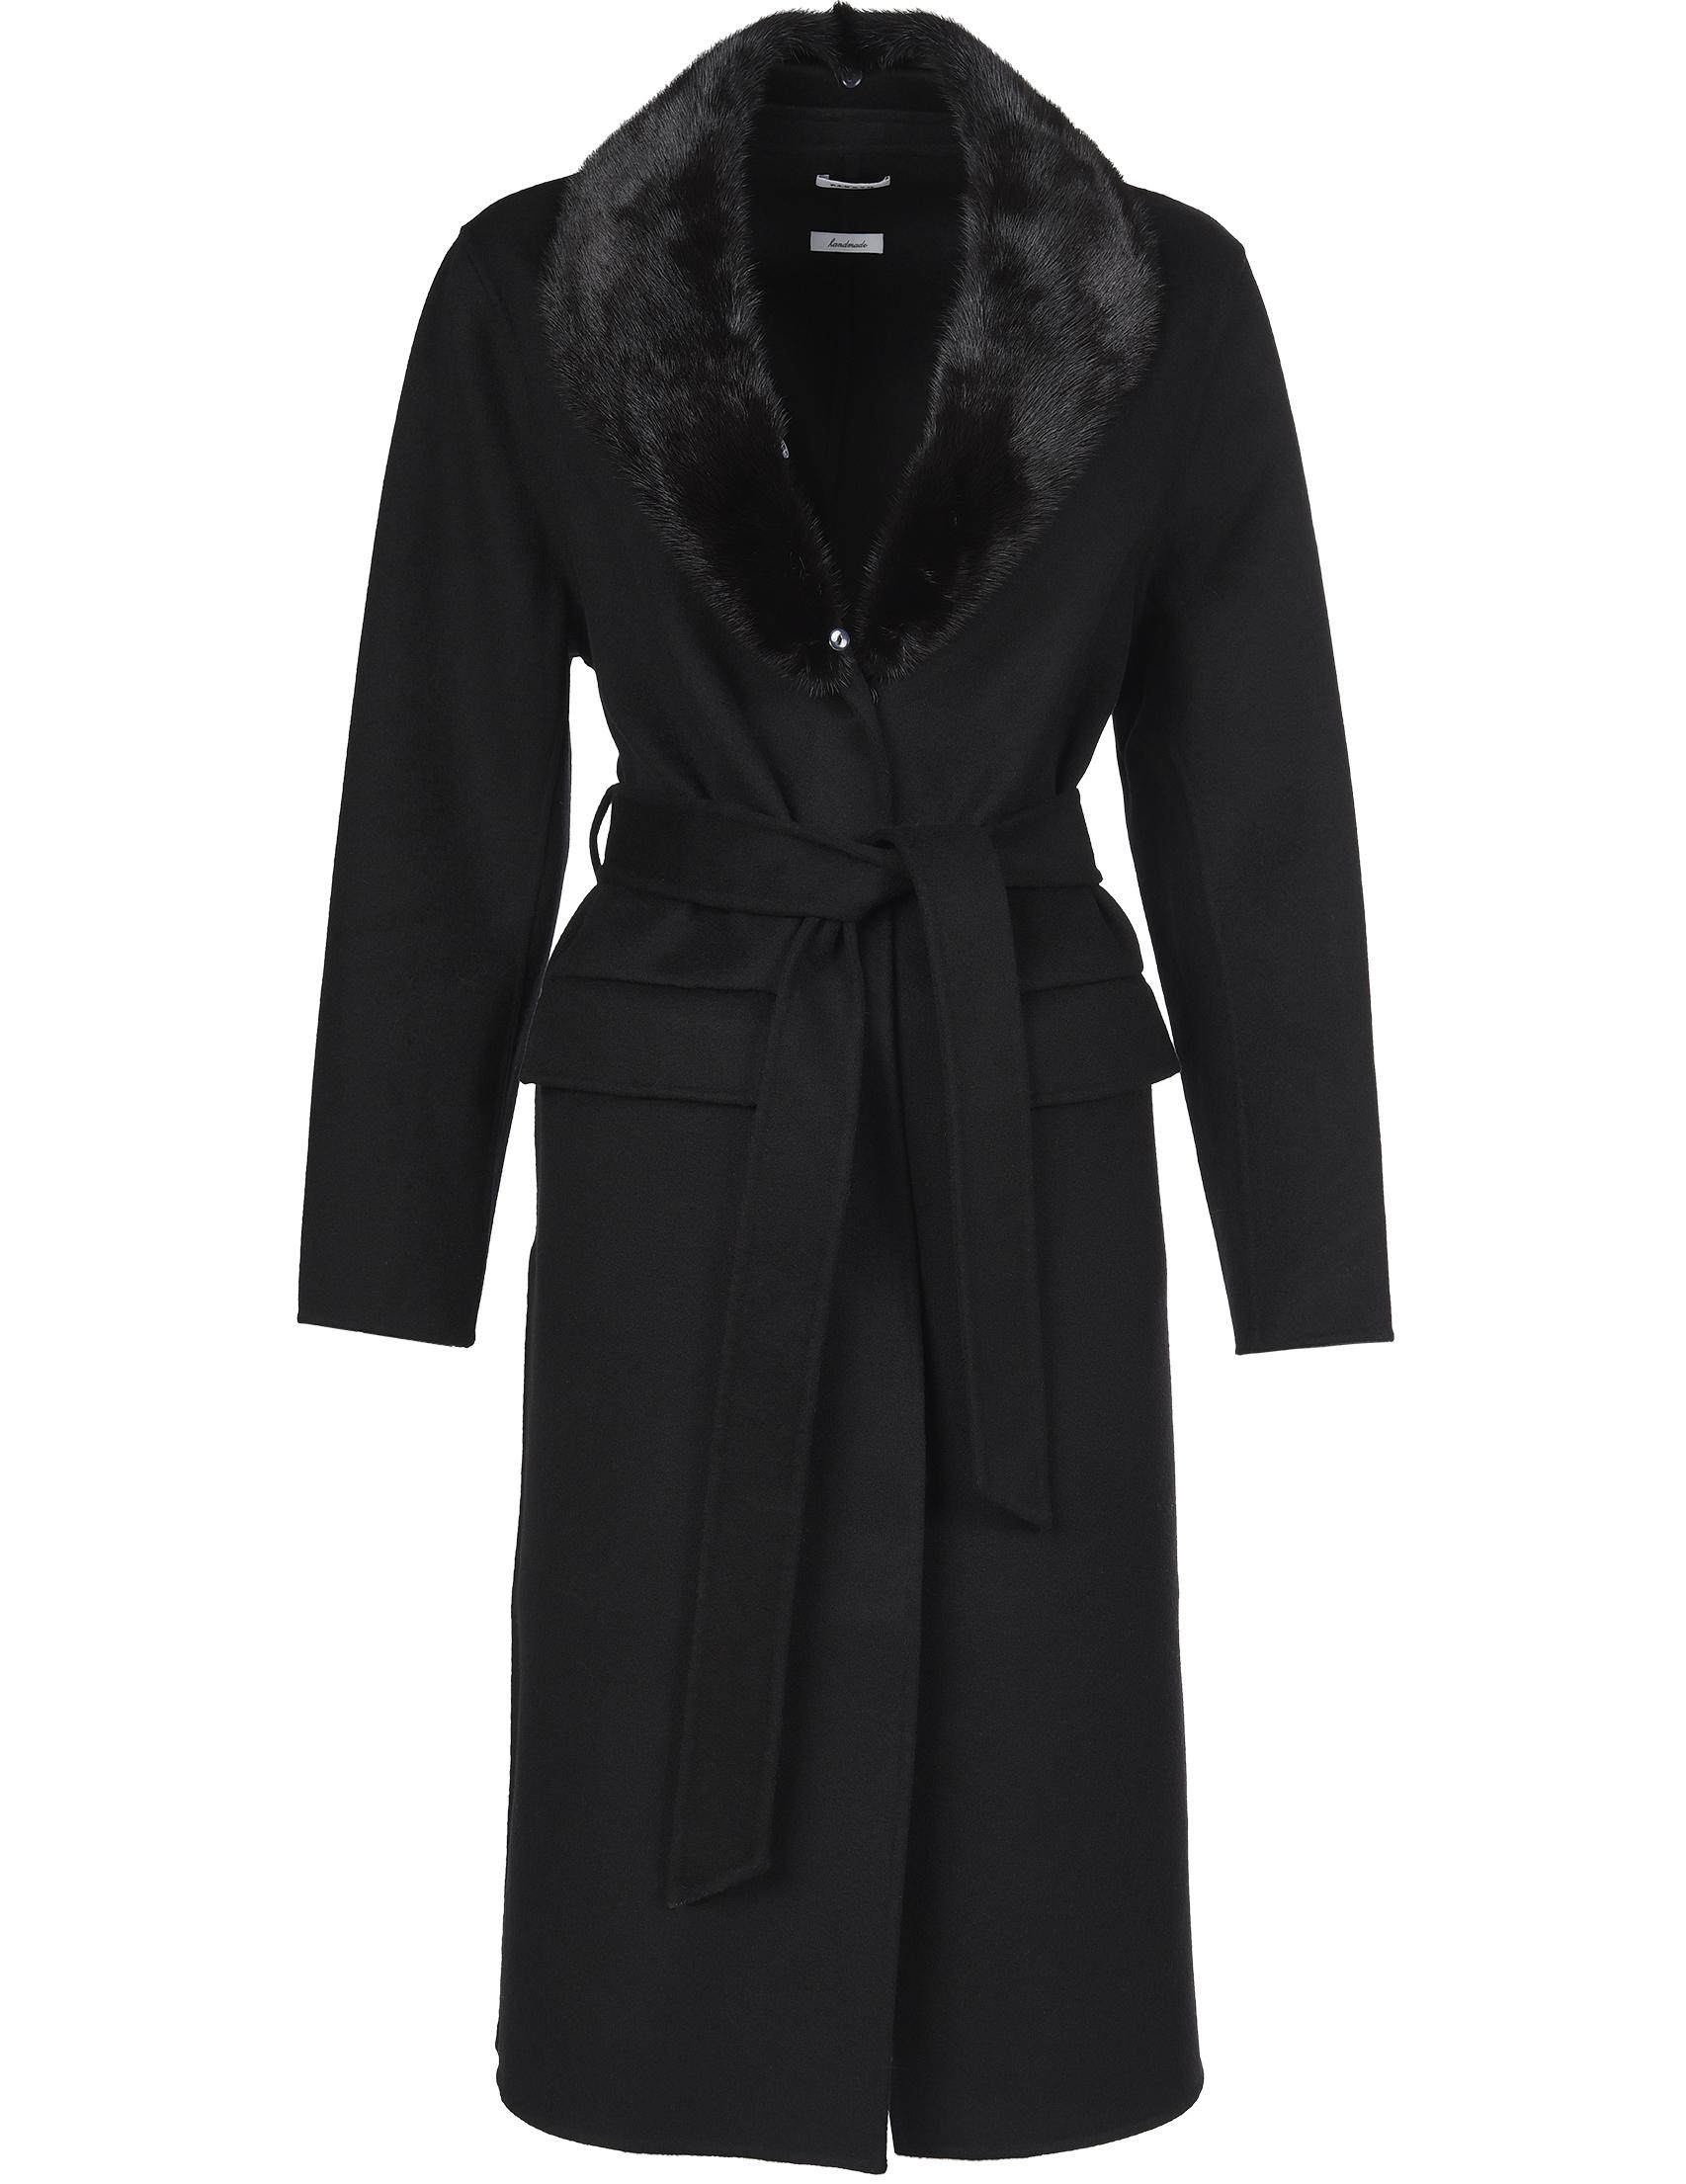 Купить Пальто, P.A.R.O.S.H., Черный, 100%Шерсть;100%Норка, Осень-Зима